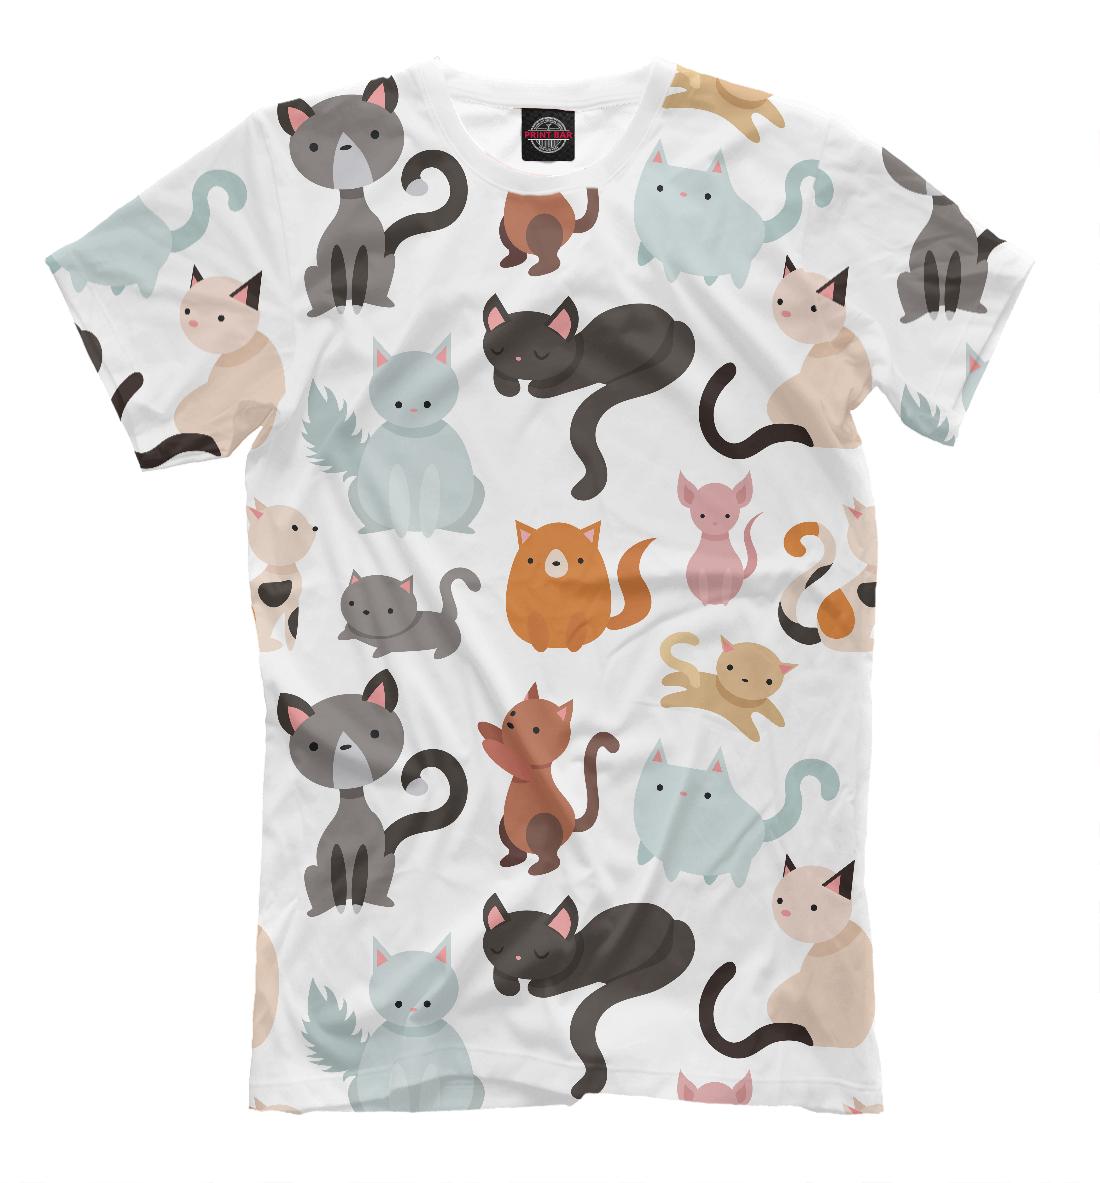 Купить Коты и кошки, Printbar, Футболки, CAT-594968-fut-2